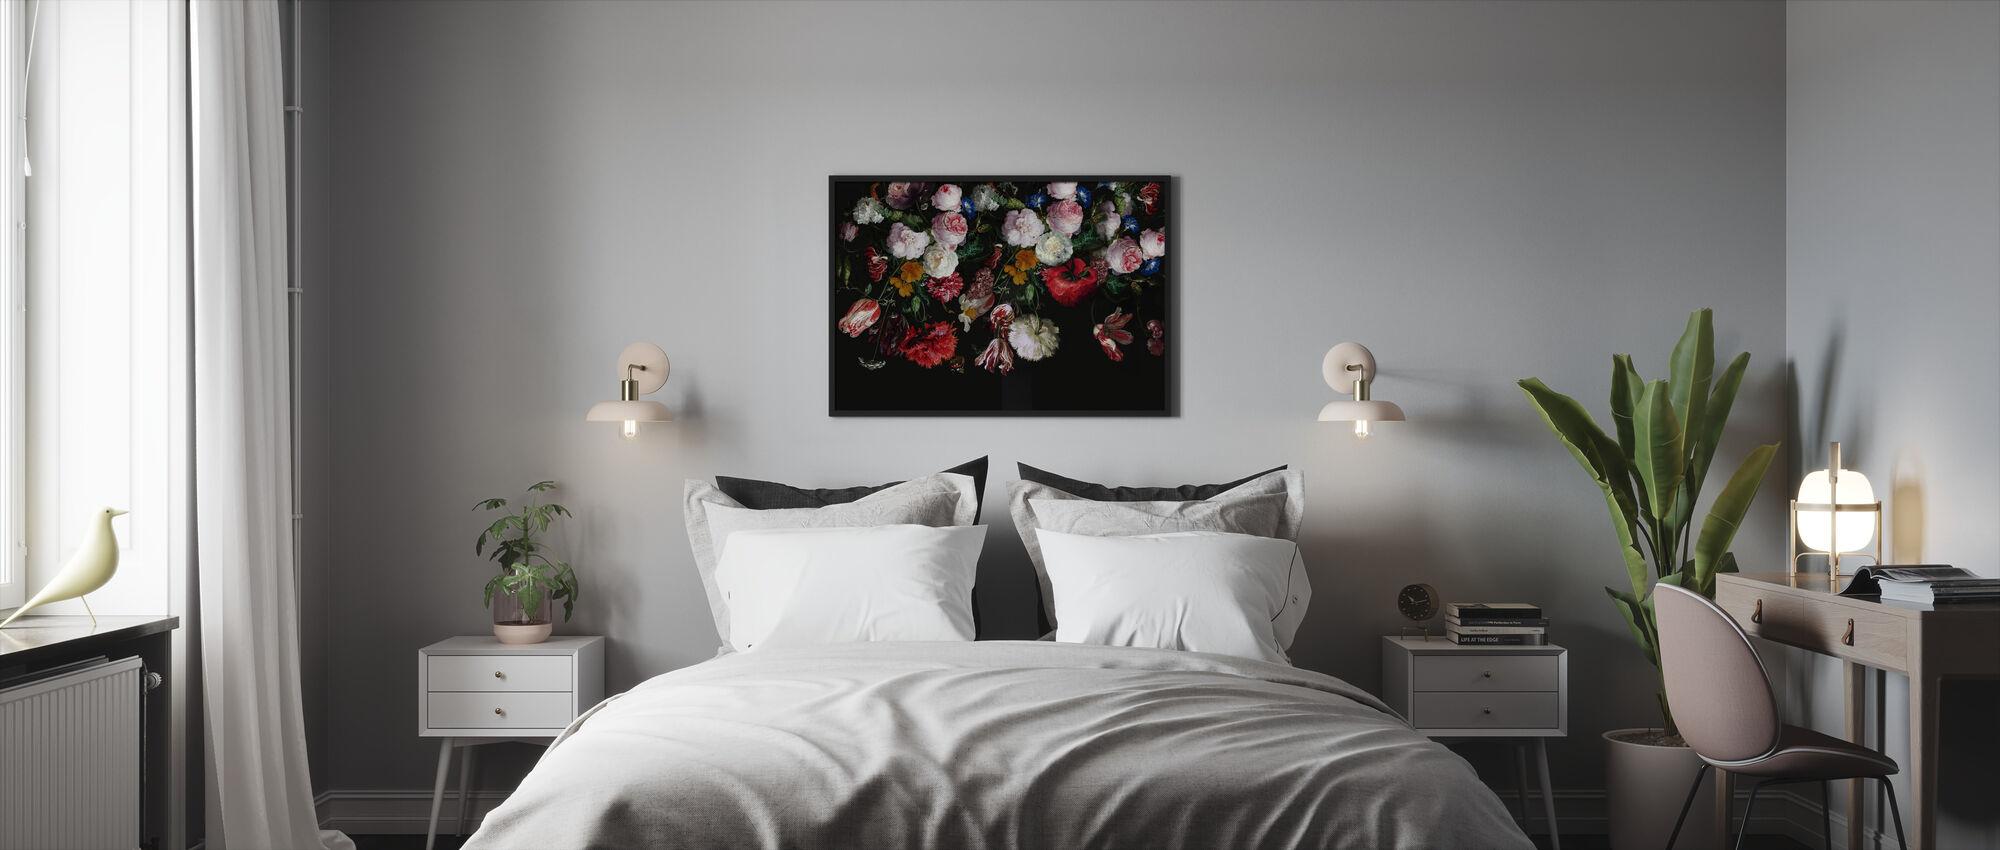 Fargerike blomster på svart bakgrunn - Innrammet bilde - Soverom